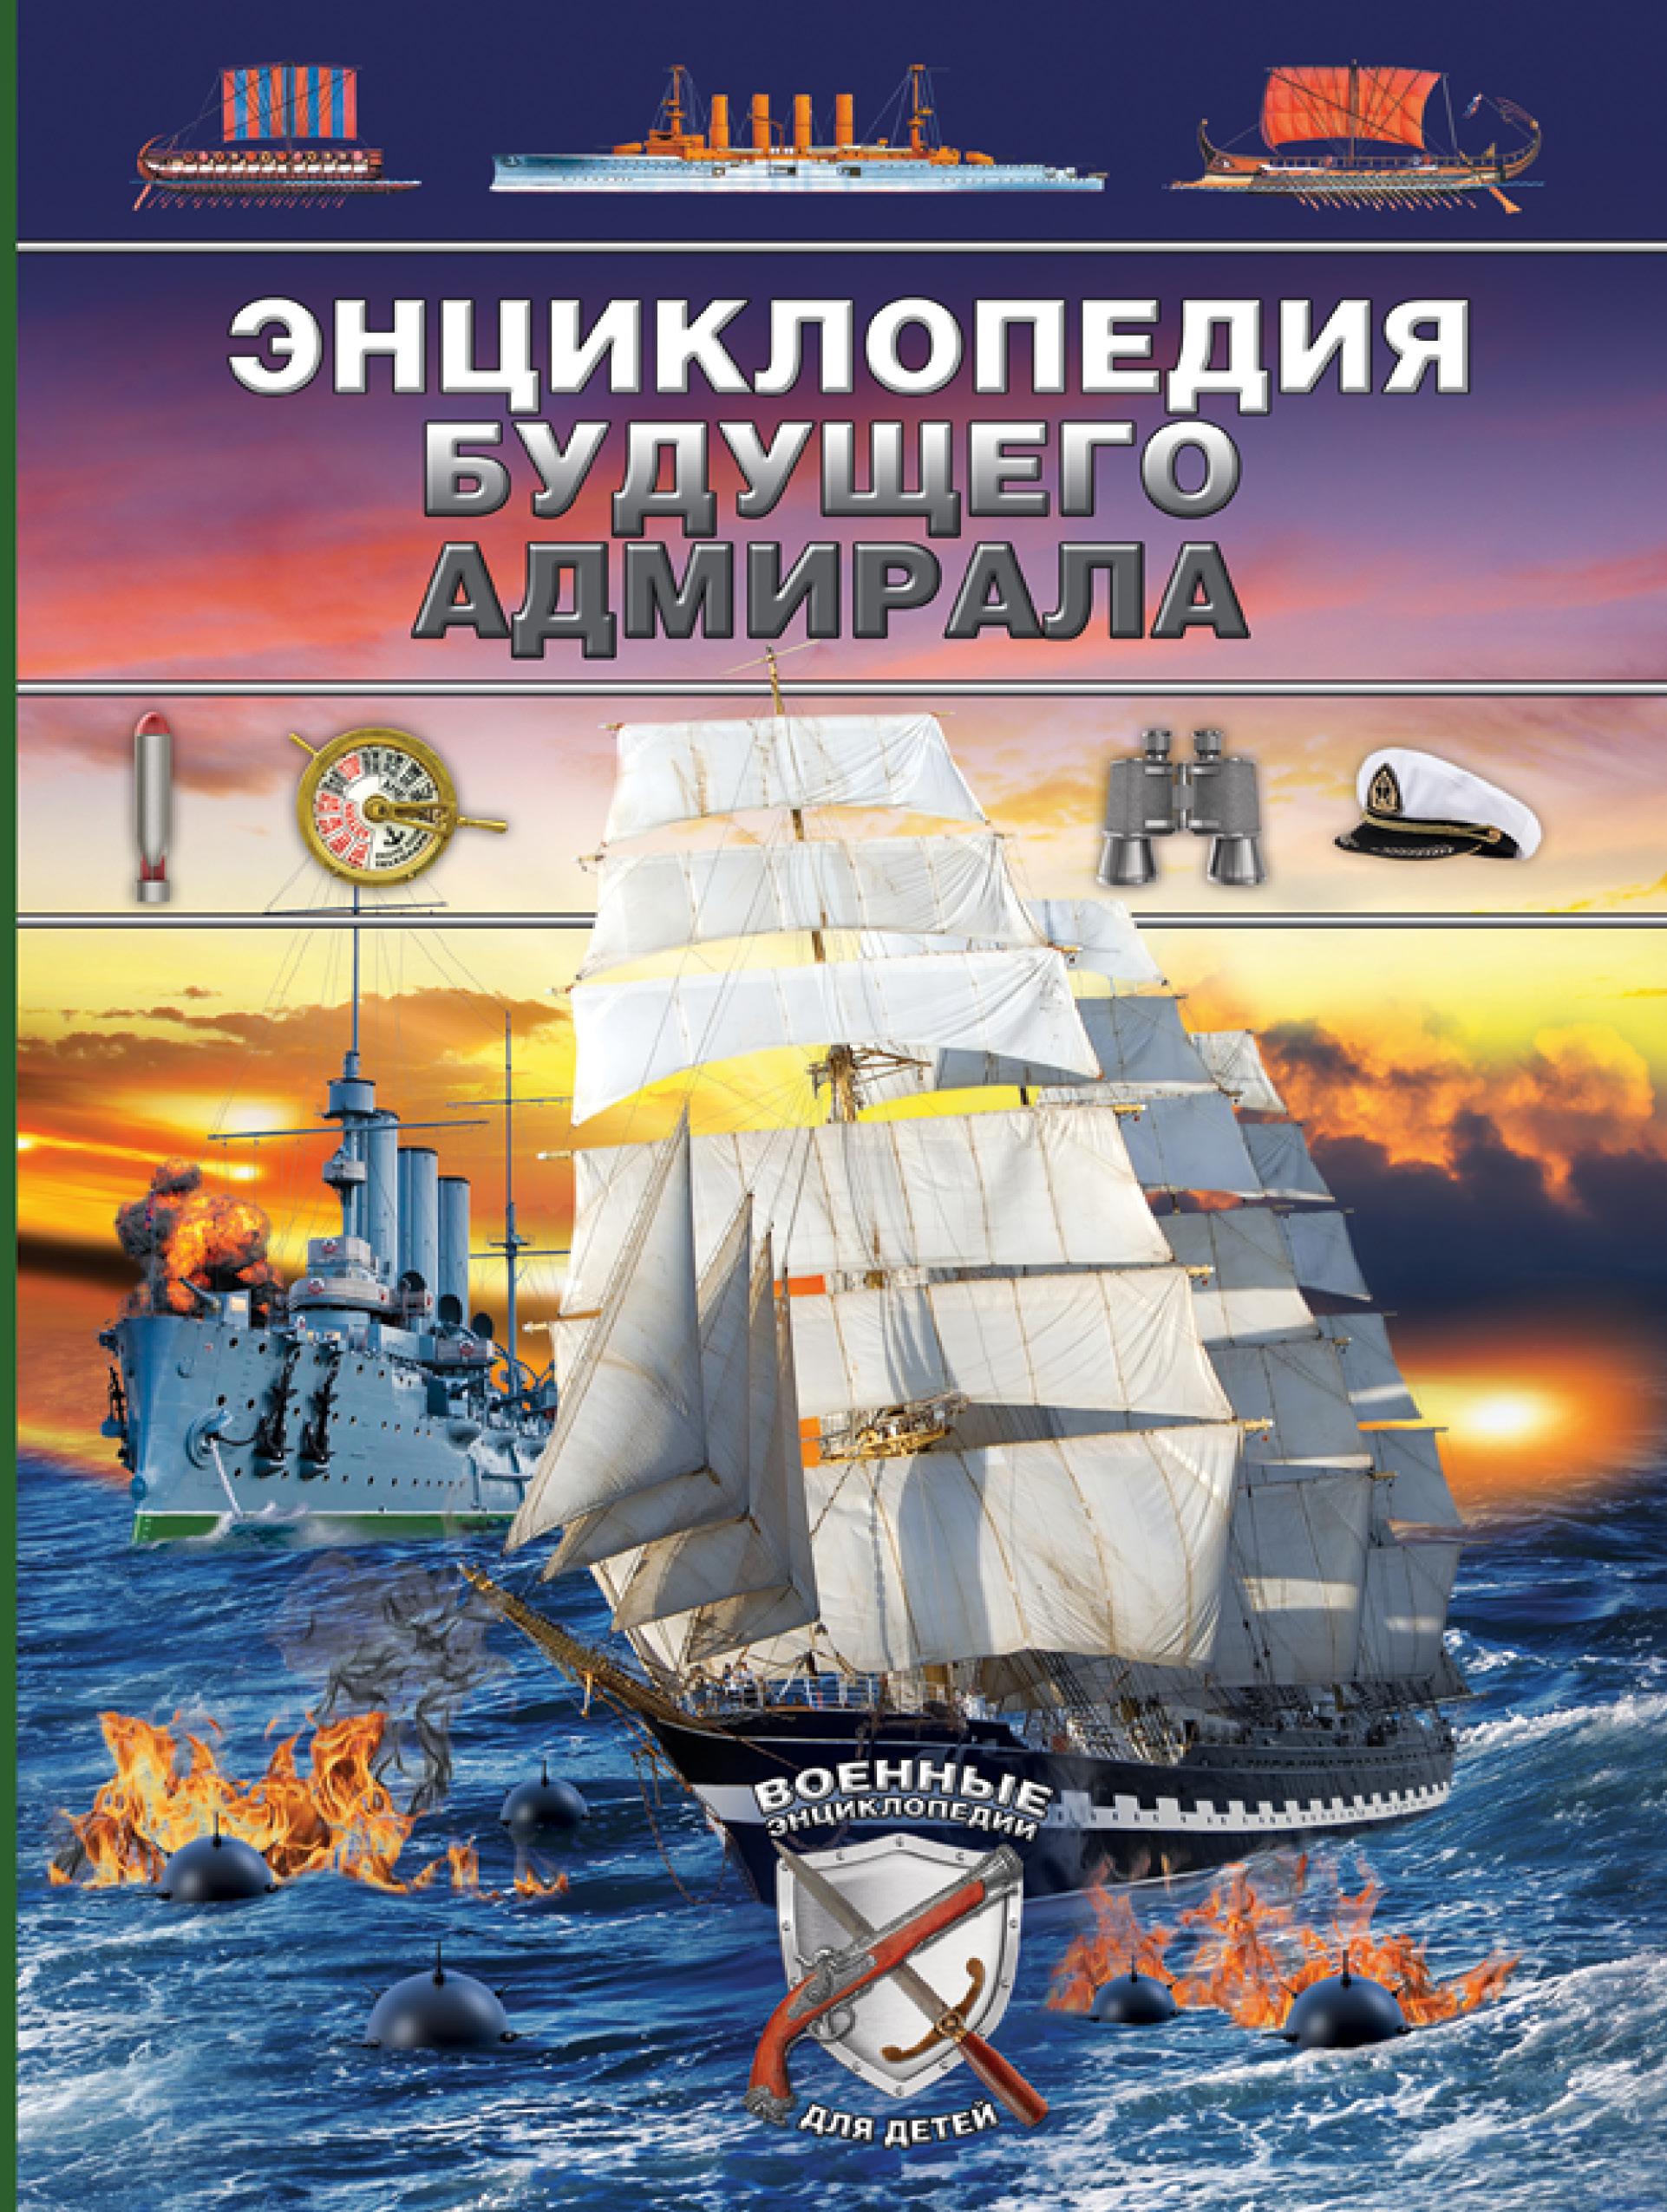 Энциклопедия будущего адмирала. Морские полководцы и сражения